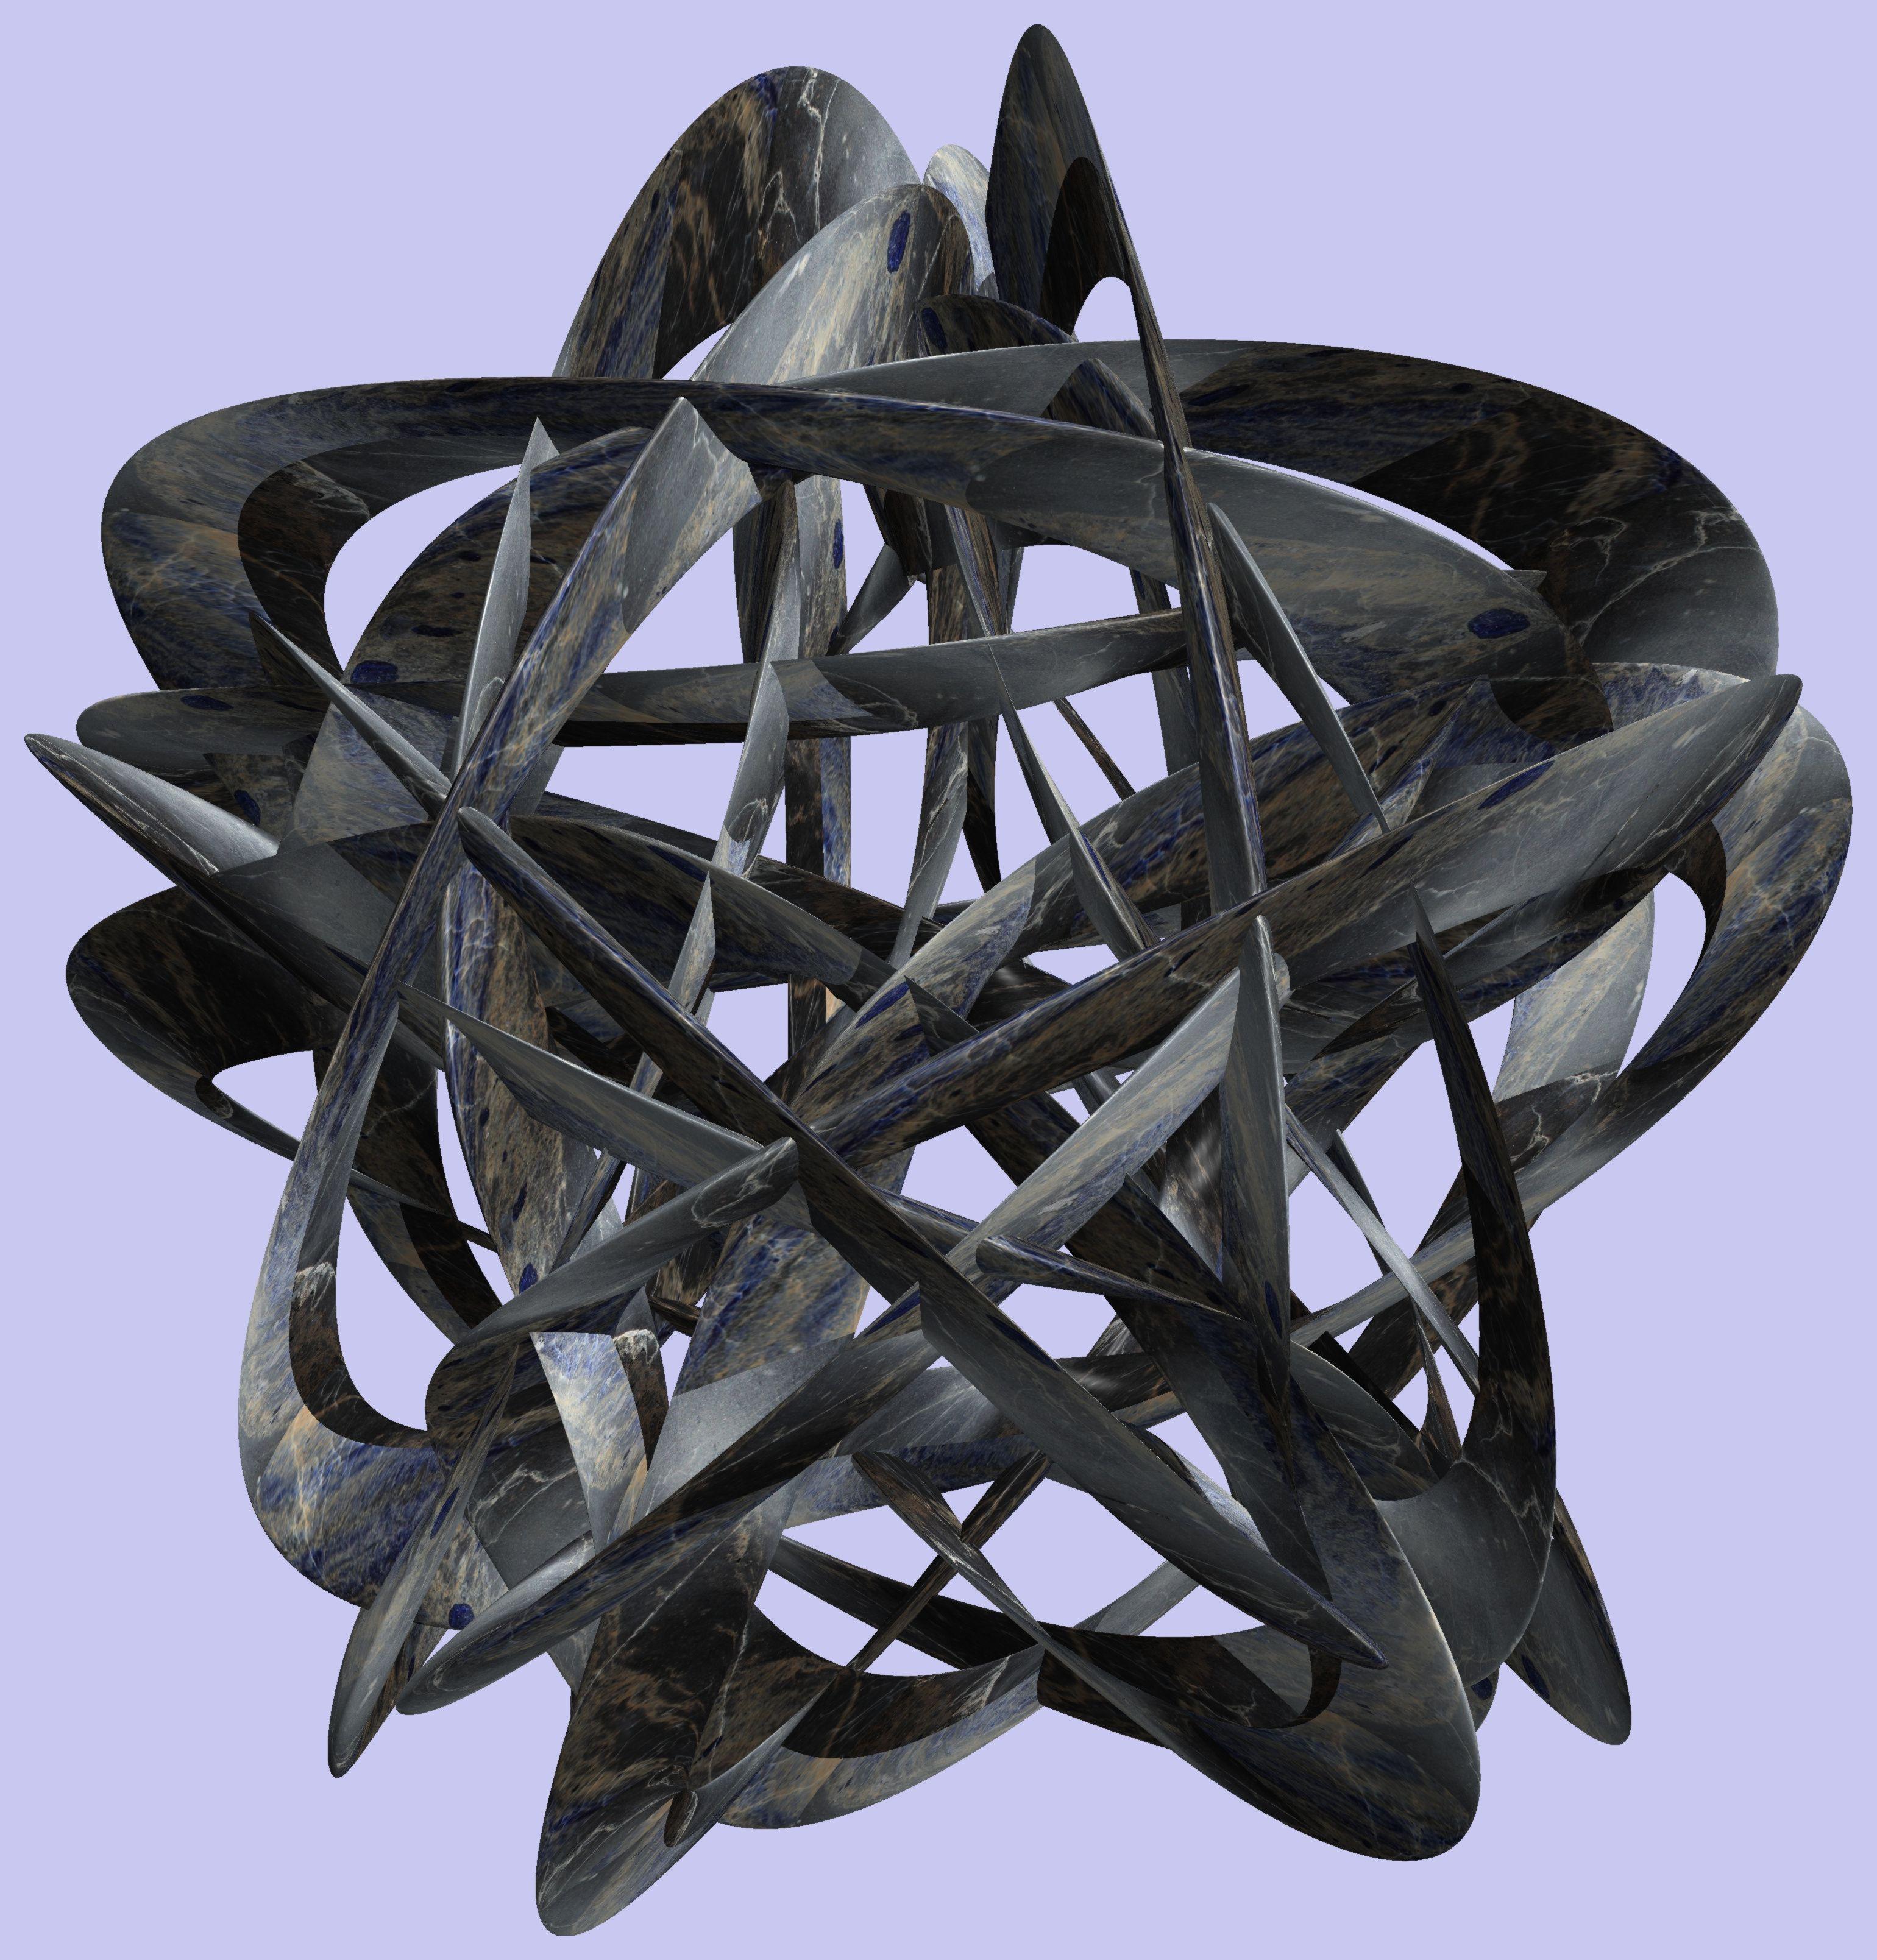 gratis afbeeldingen vleugel structuur patroon beeldhouwwerk kunst cool beeld figuur. Black Bedroom Furniture Sets. Home Design Ideas